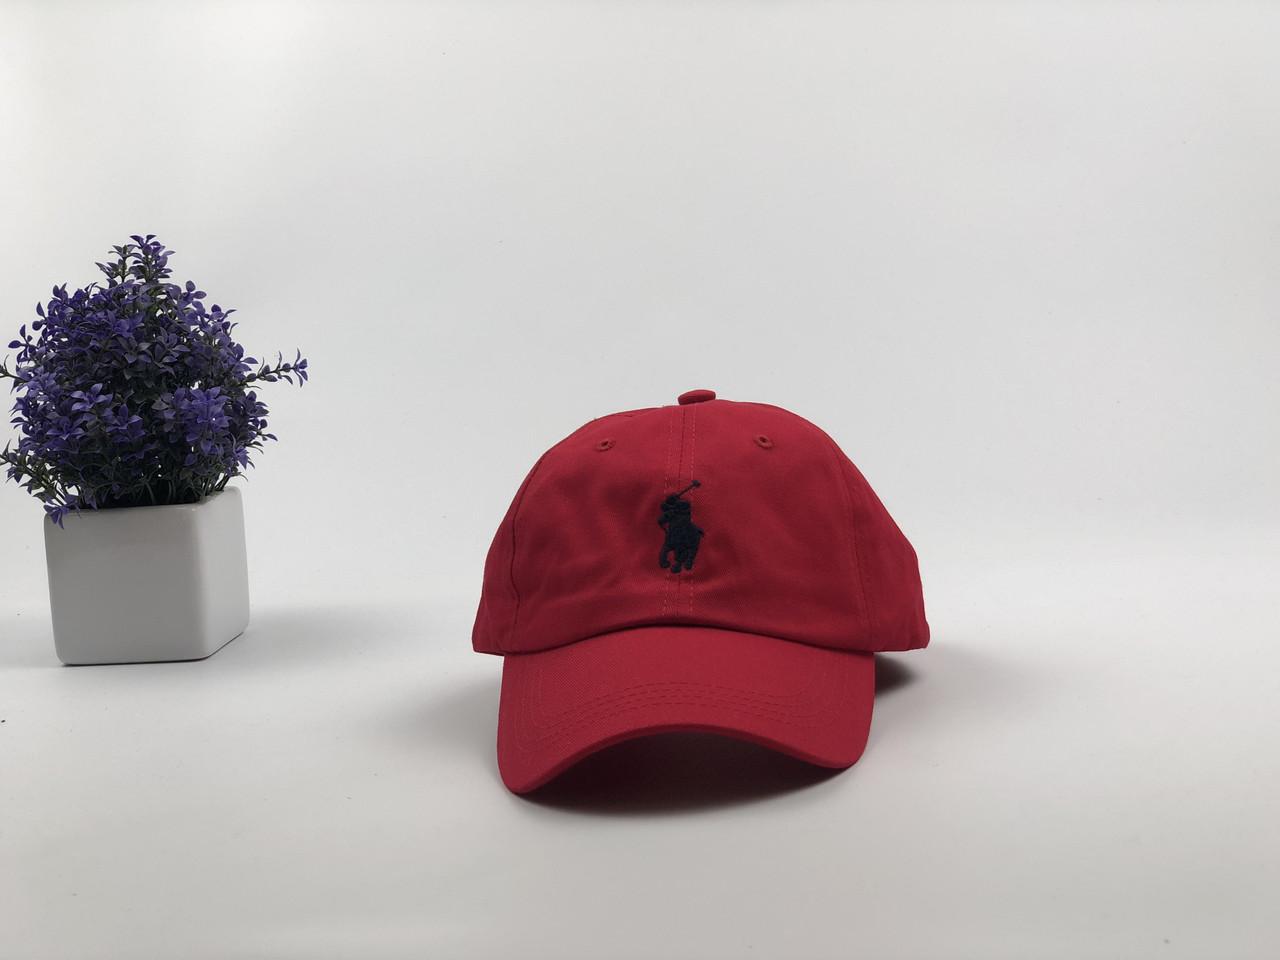 Кепка Бейсболка Мужская Женская Polo Ralph Lauren с кожаным ремешком Красная с Черным лого